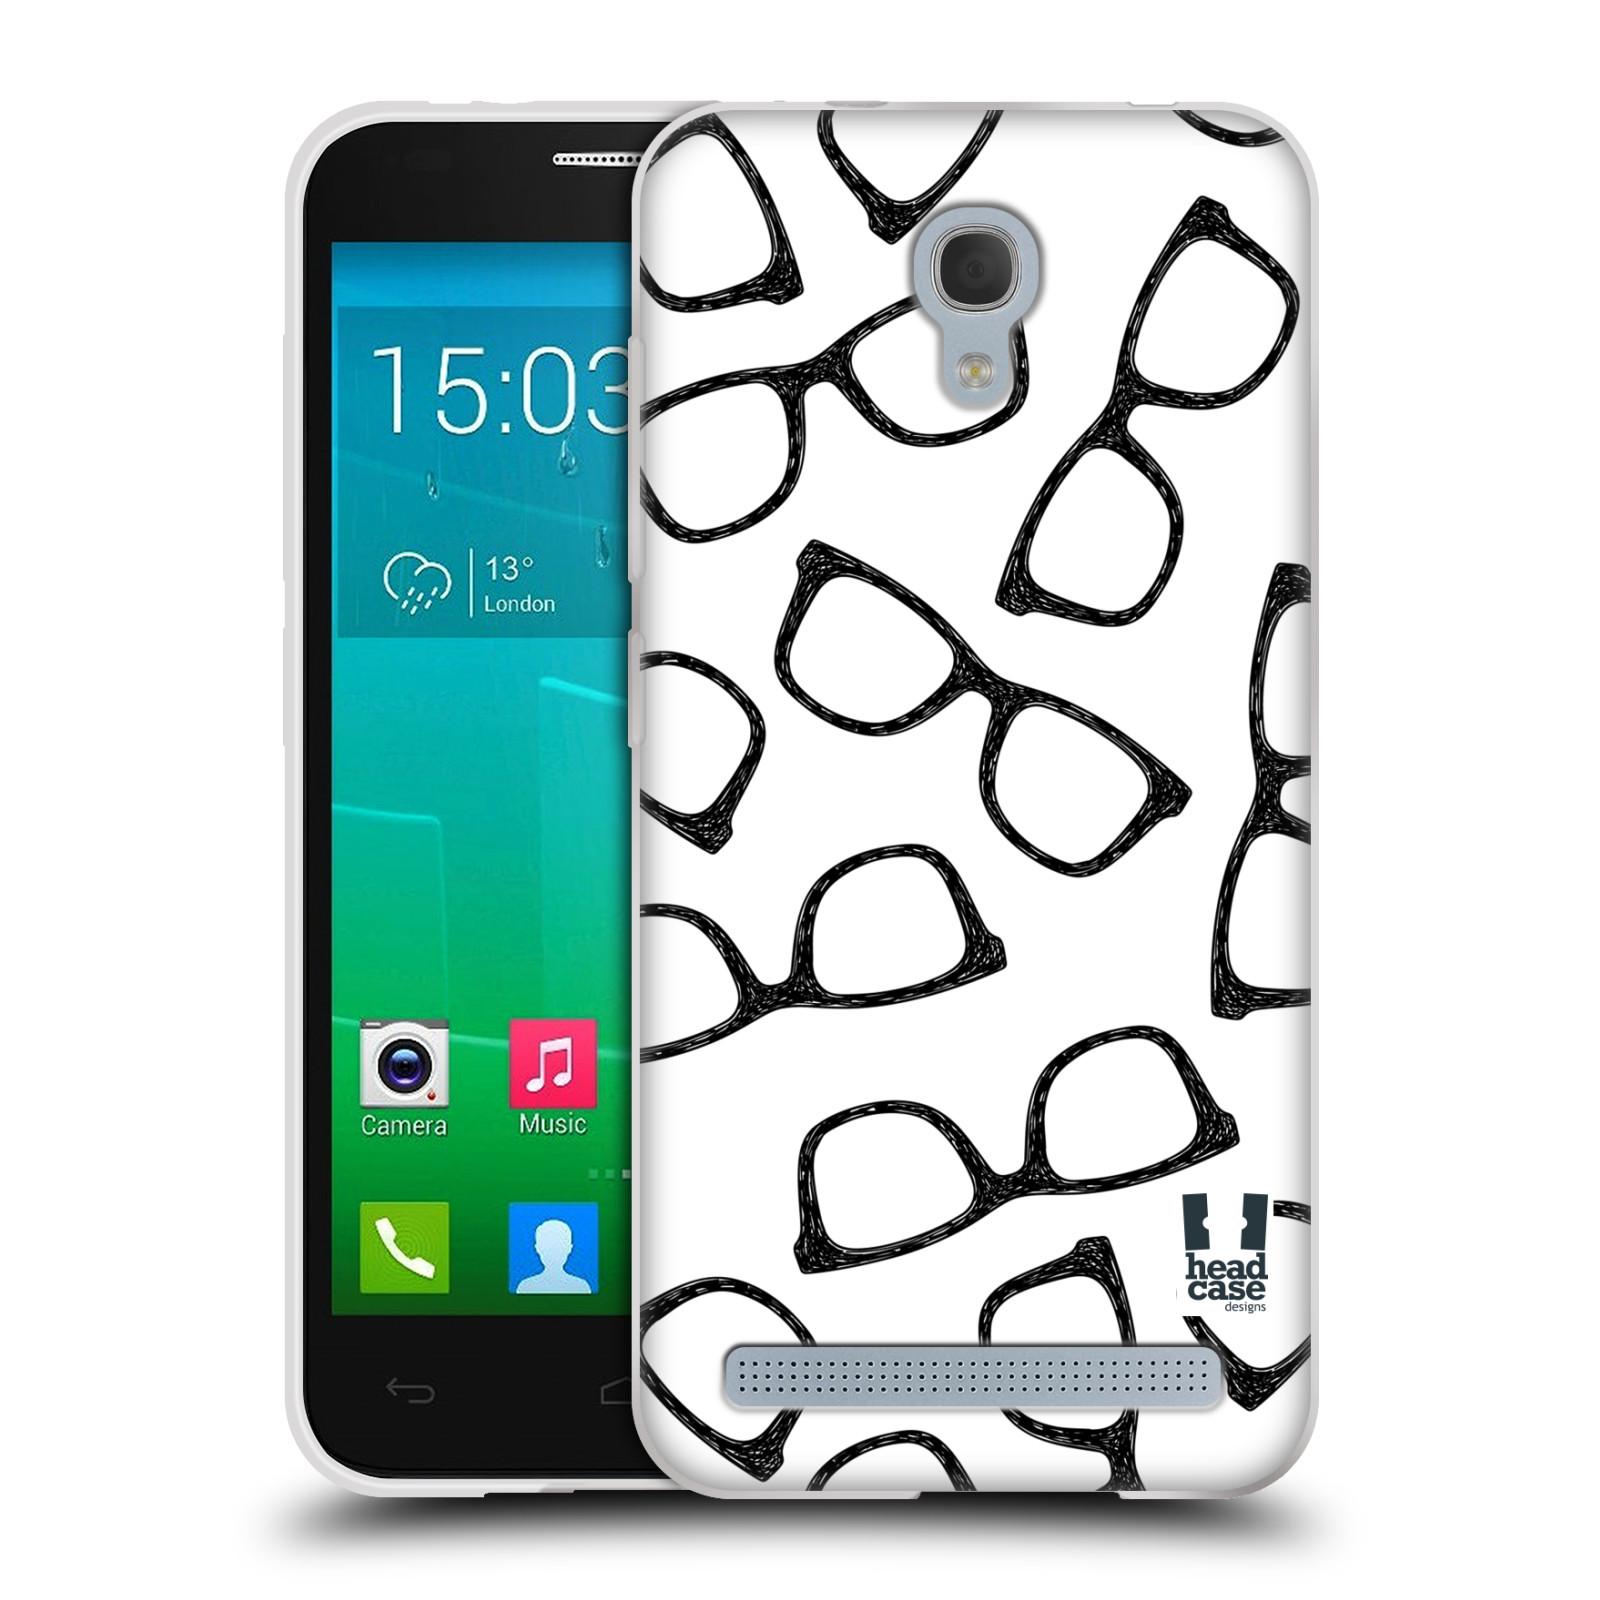 Silikonové pouzdro na mobil Alcatel One Touch Idol 2 Mini S 6036Y HEAD CASE HIPSTER BRÝLE (Silikonový kryt či obal na mobilní telefon Alcatel Idol 2 Mini S OT-6036Y)